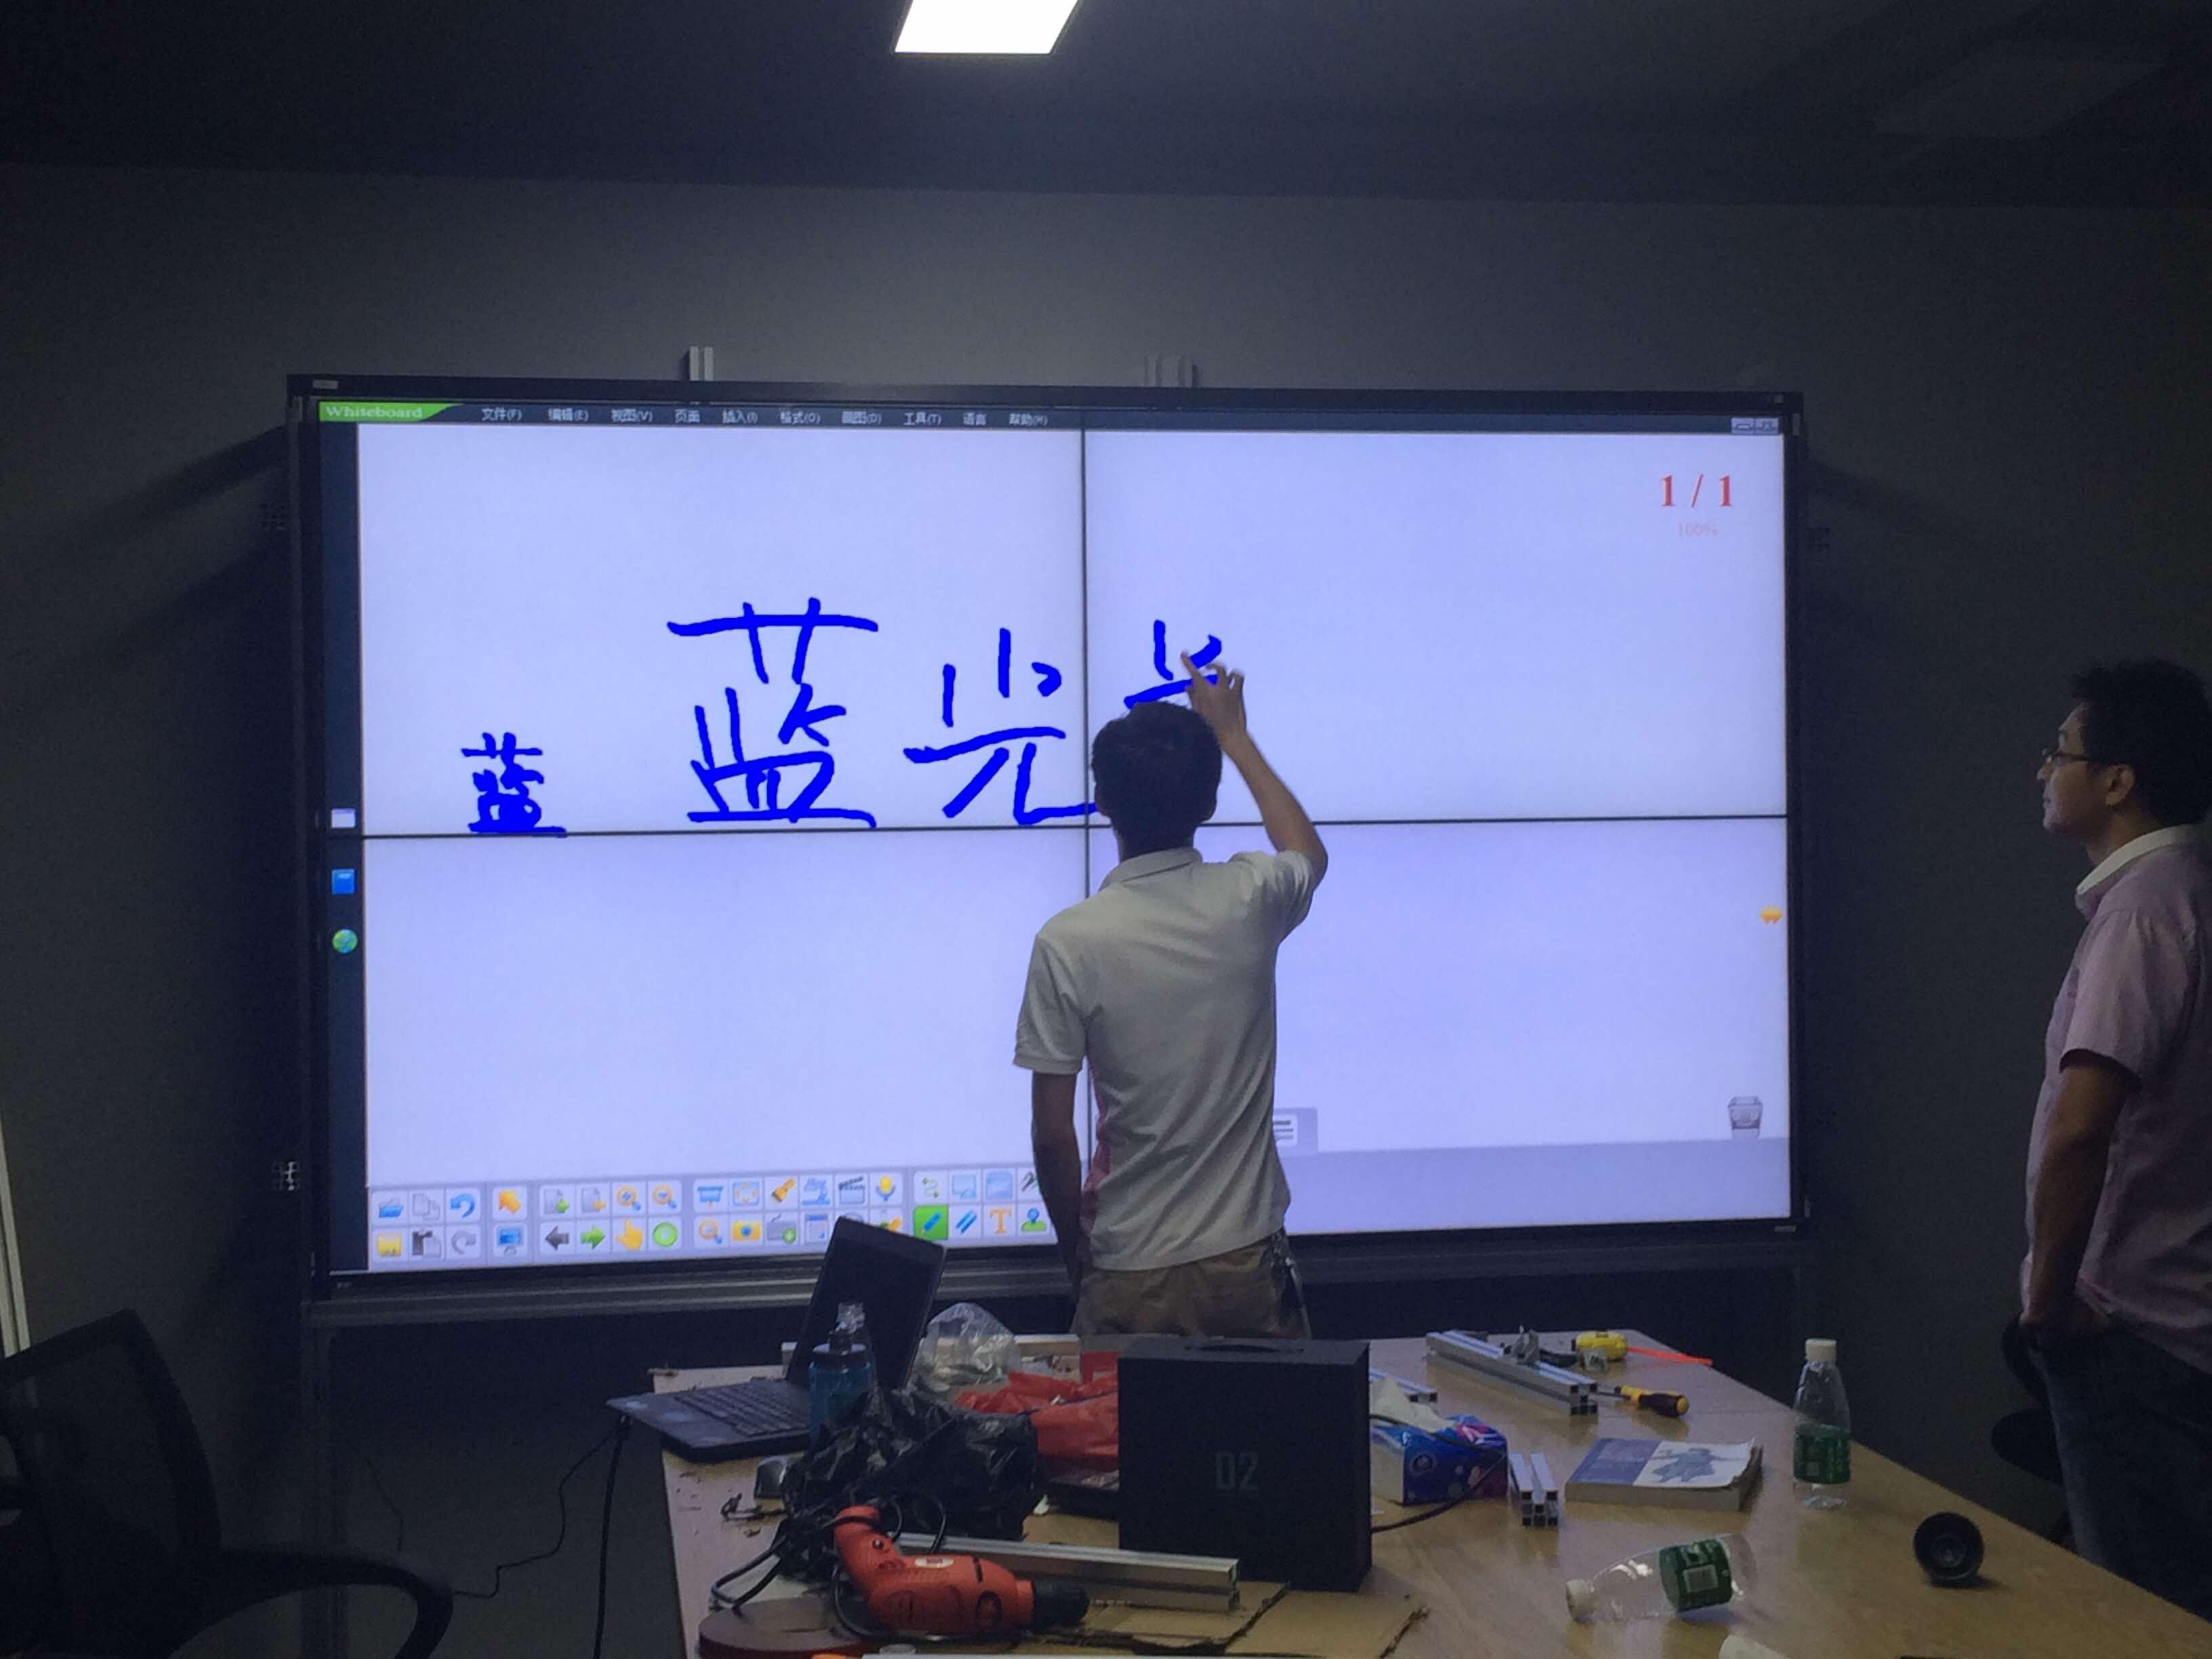 深圳科技园某VR公司2x2触摸拼接